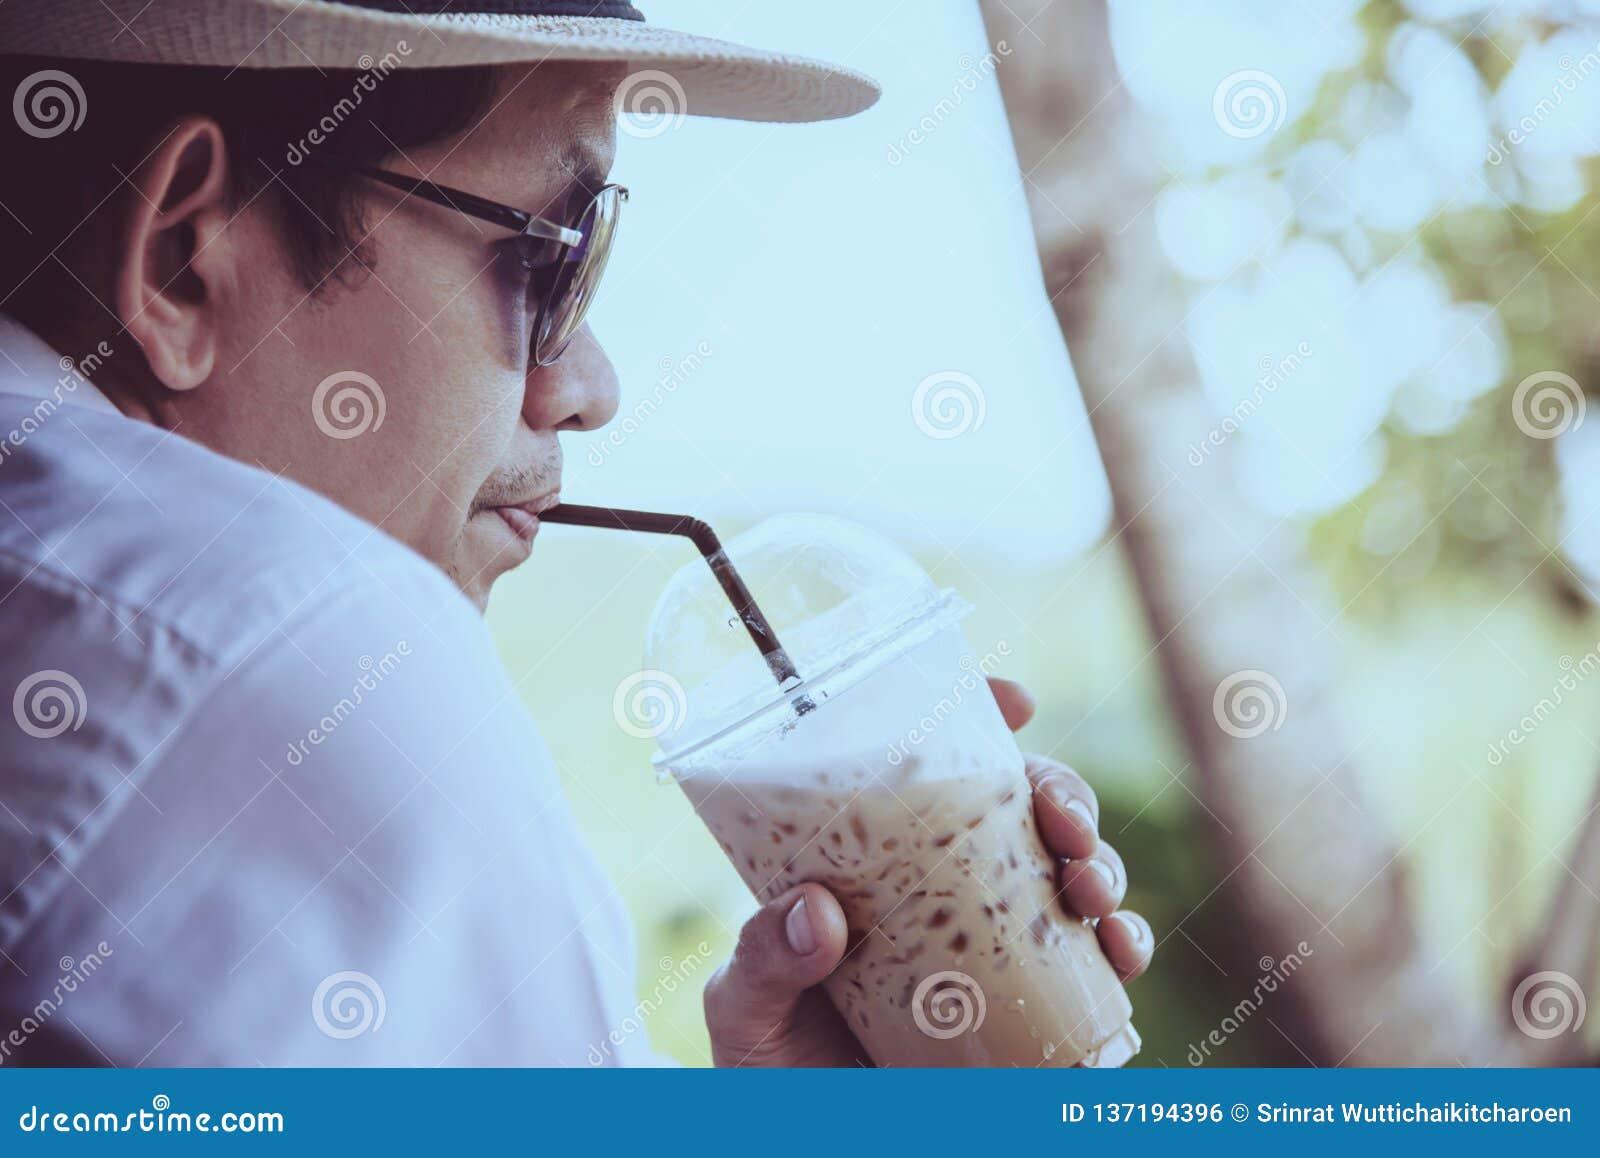 Περιστασιακός ασιατικός καφές πάγου ποτών ατόμων ευτυχώς στη φύση